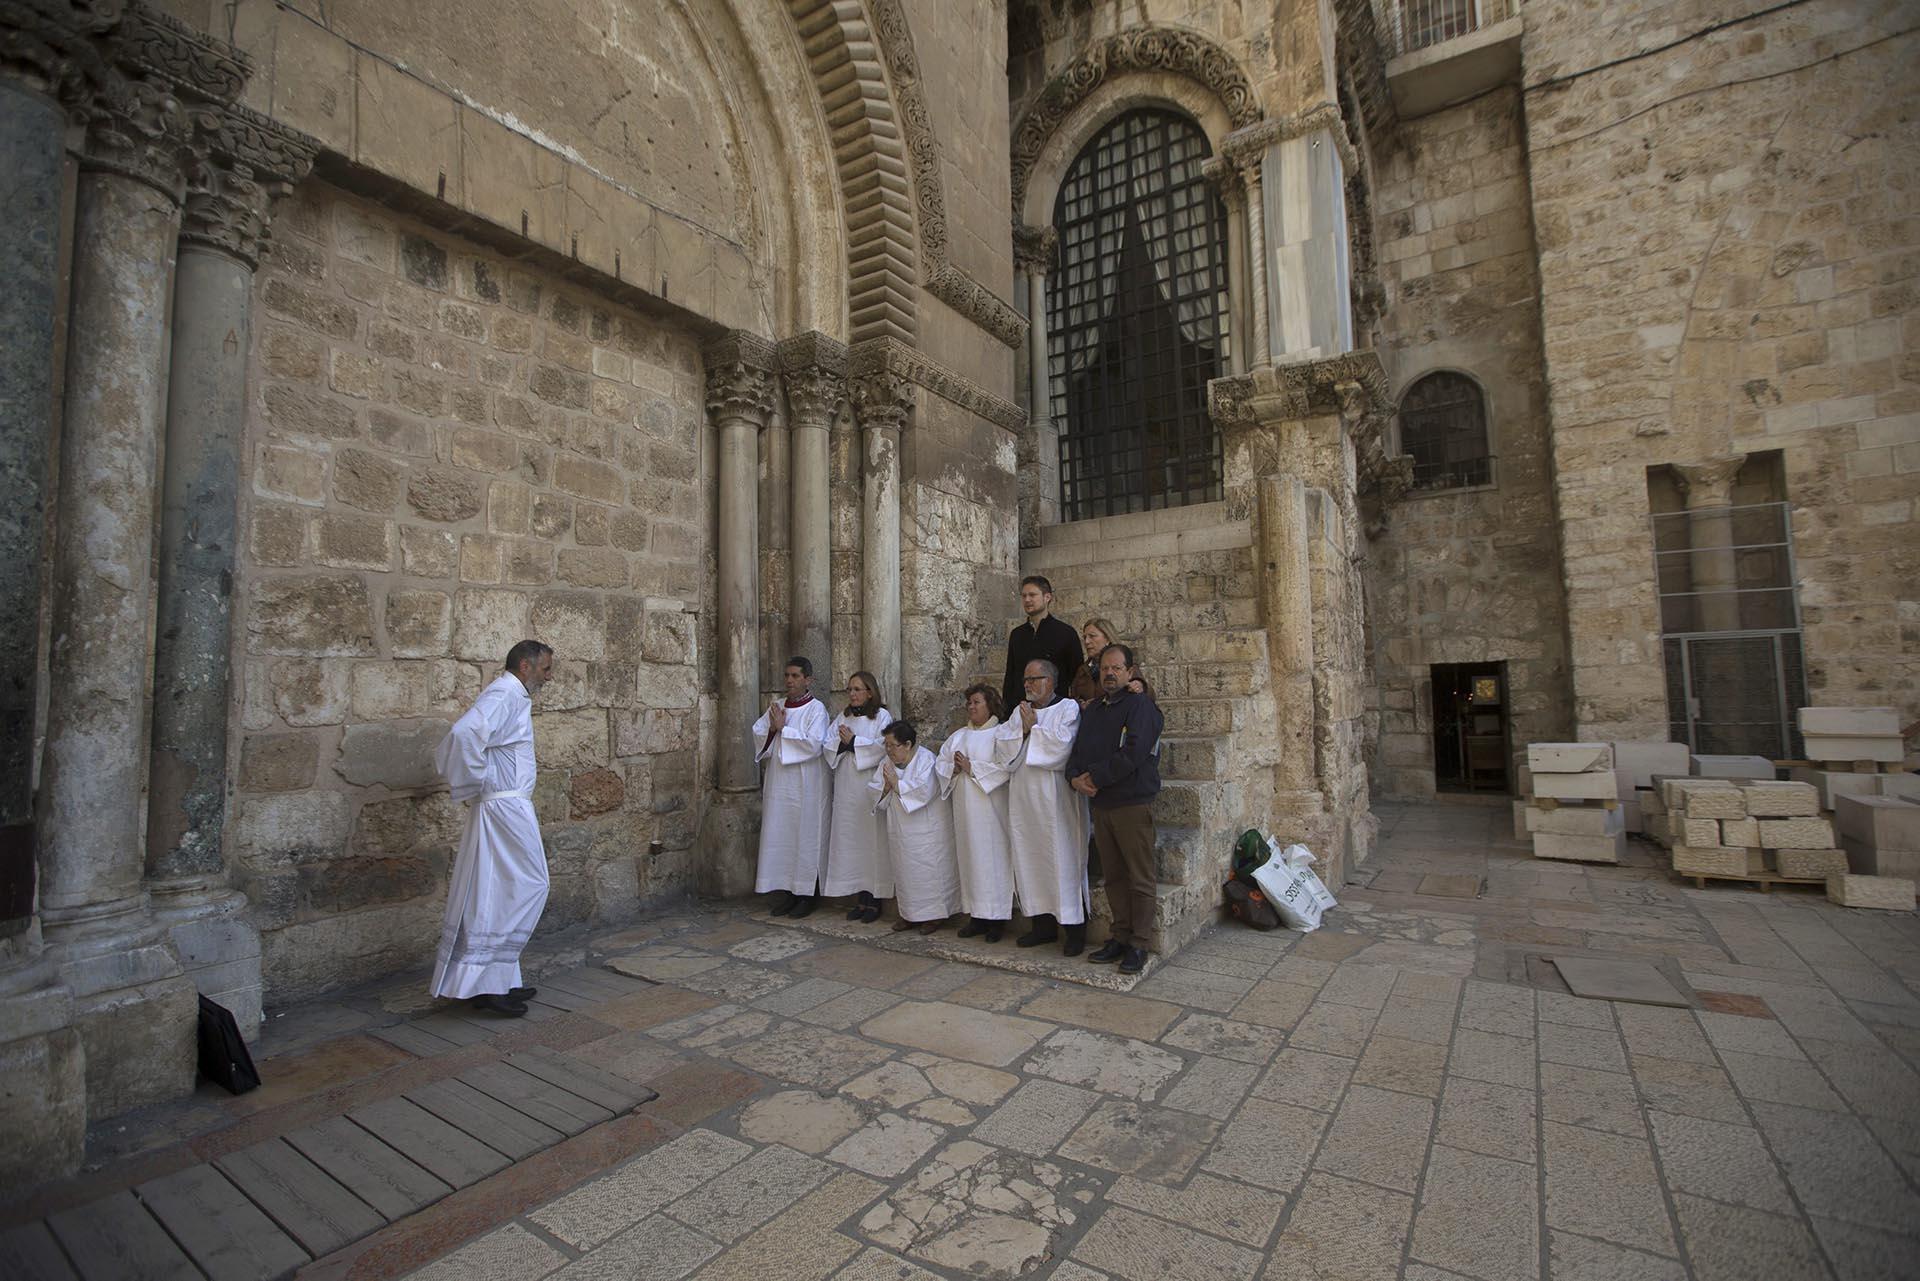 El Santo Sepulcro/Visita virtual /Apertura de la Tumba de Cristo Restauracion-tumba-Jesucristo-Jerusalen-sf-1